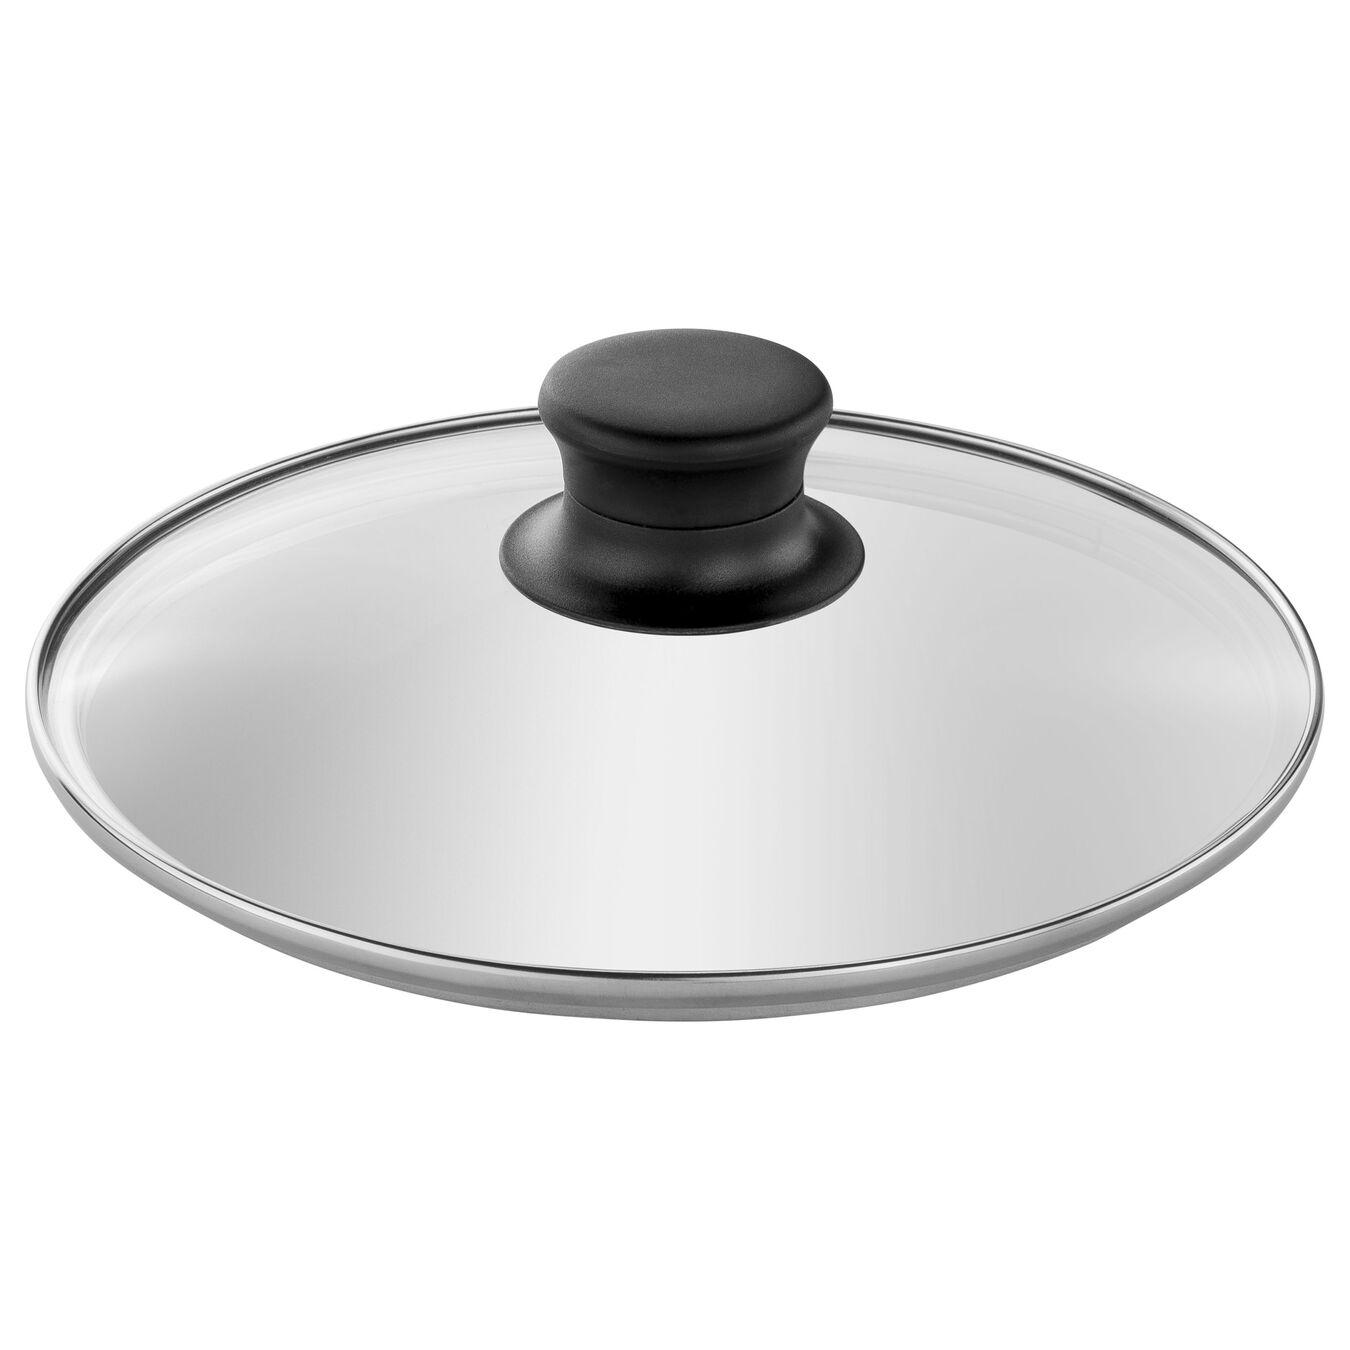 Deckel, 22 cm | rund | Glas,,large 1